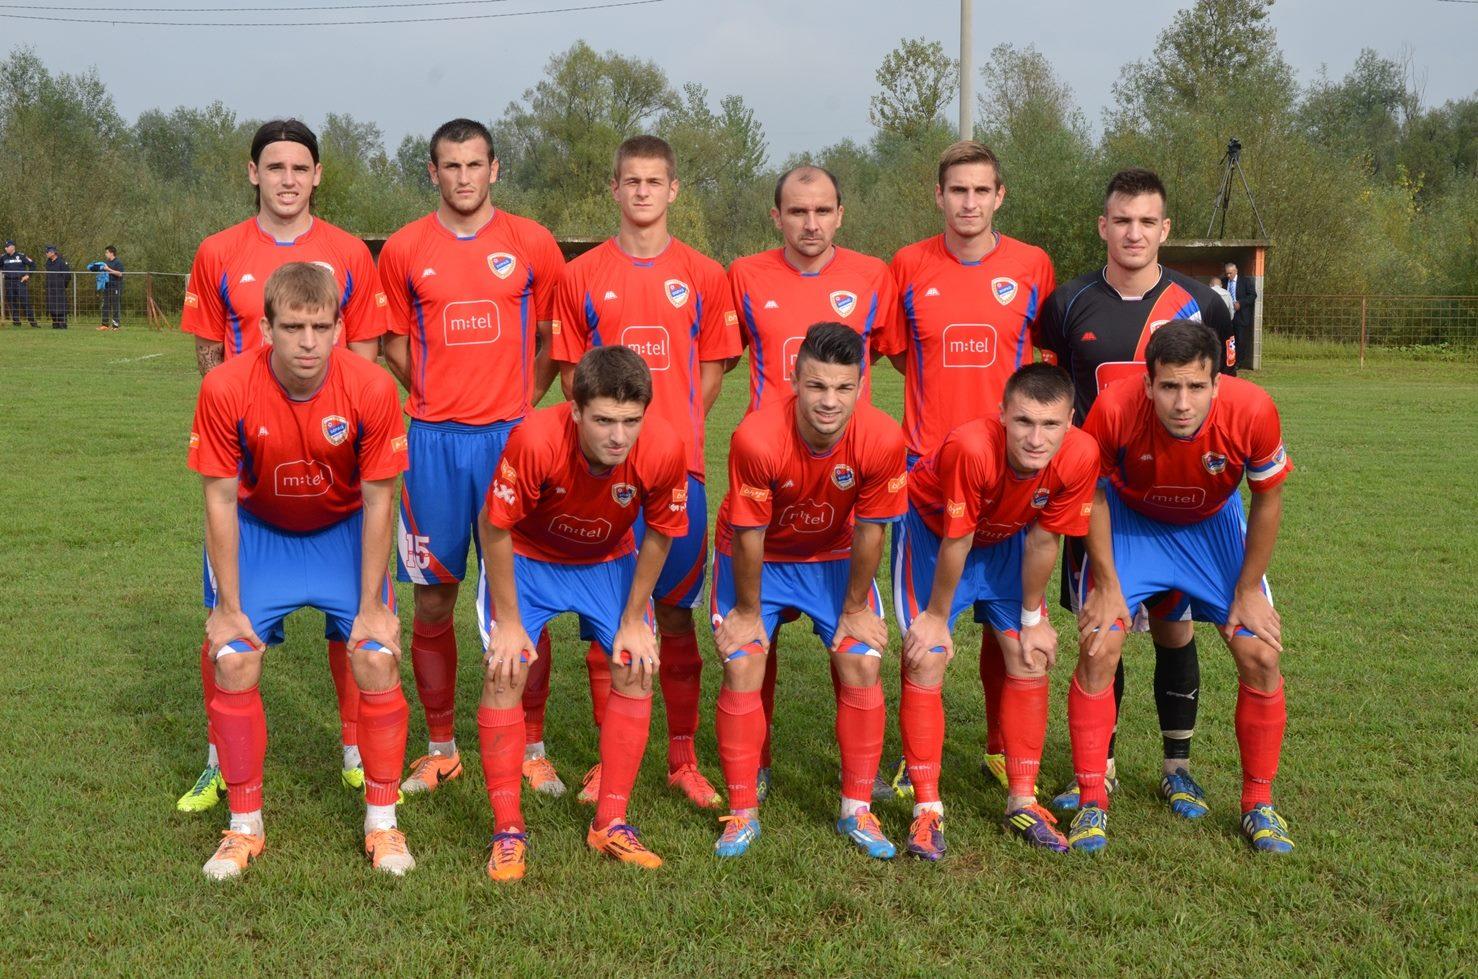 Gosti iz Banjaluke, FK Borac Foto: Aleksandar Drakulic